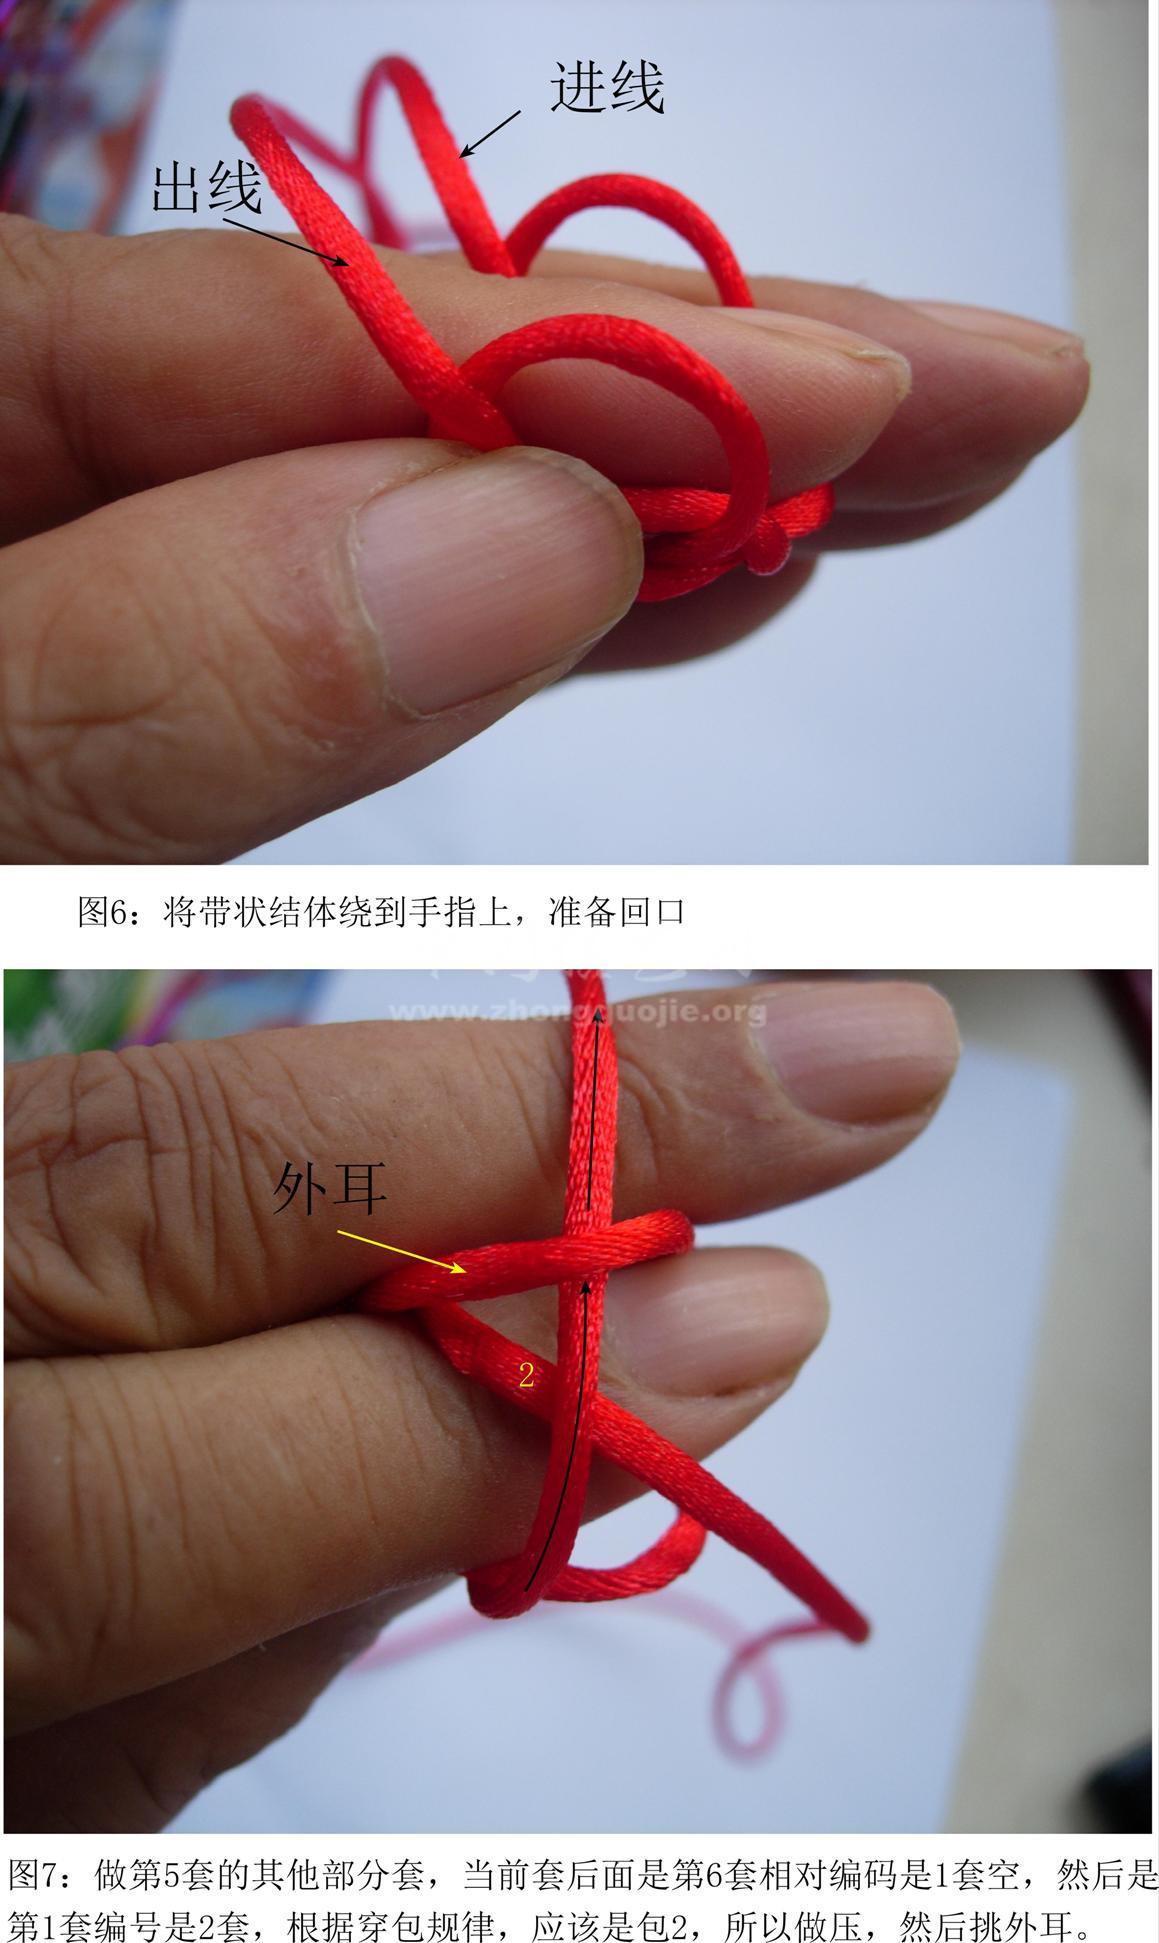 中国结论坛 6套1-1星晨结徒手编结过程  丑丑徒手编结 111351mflplfdpqh65n7tn